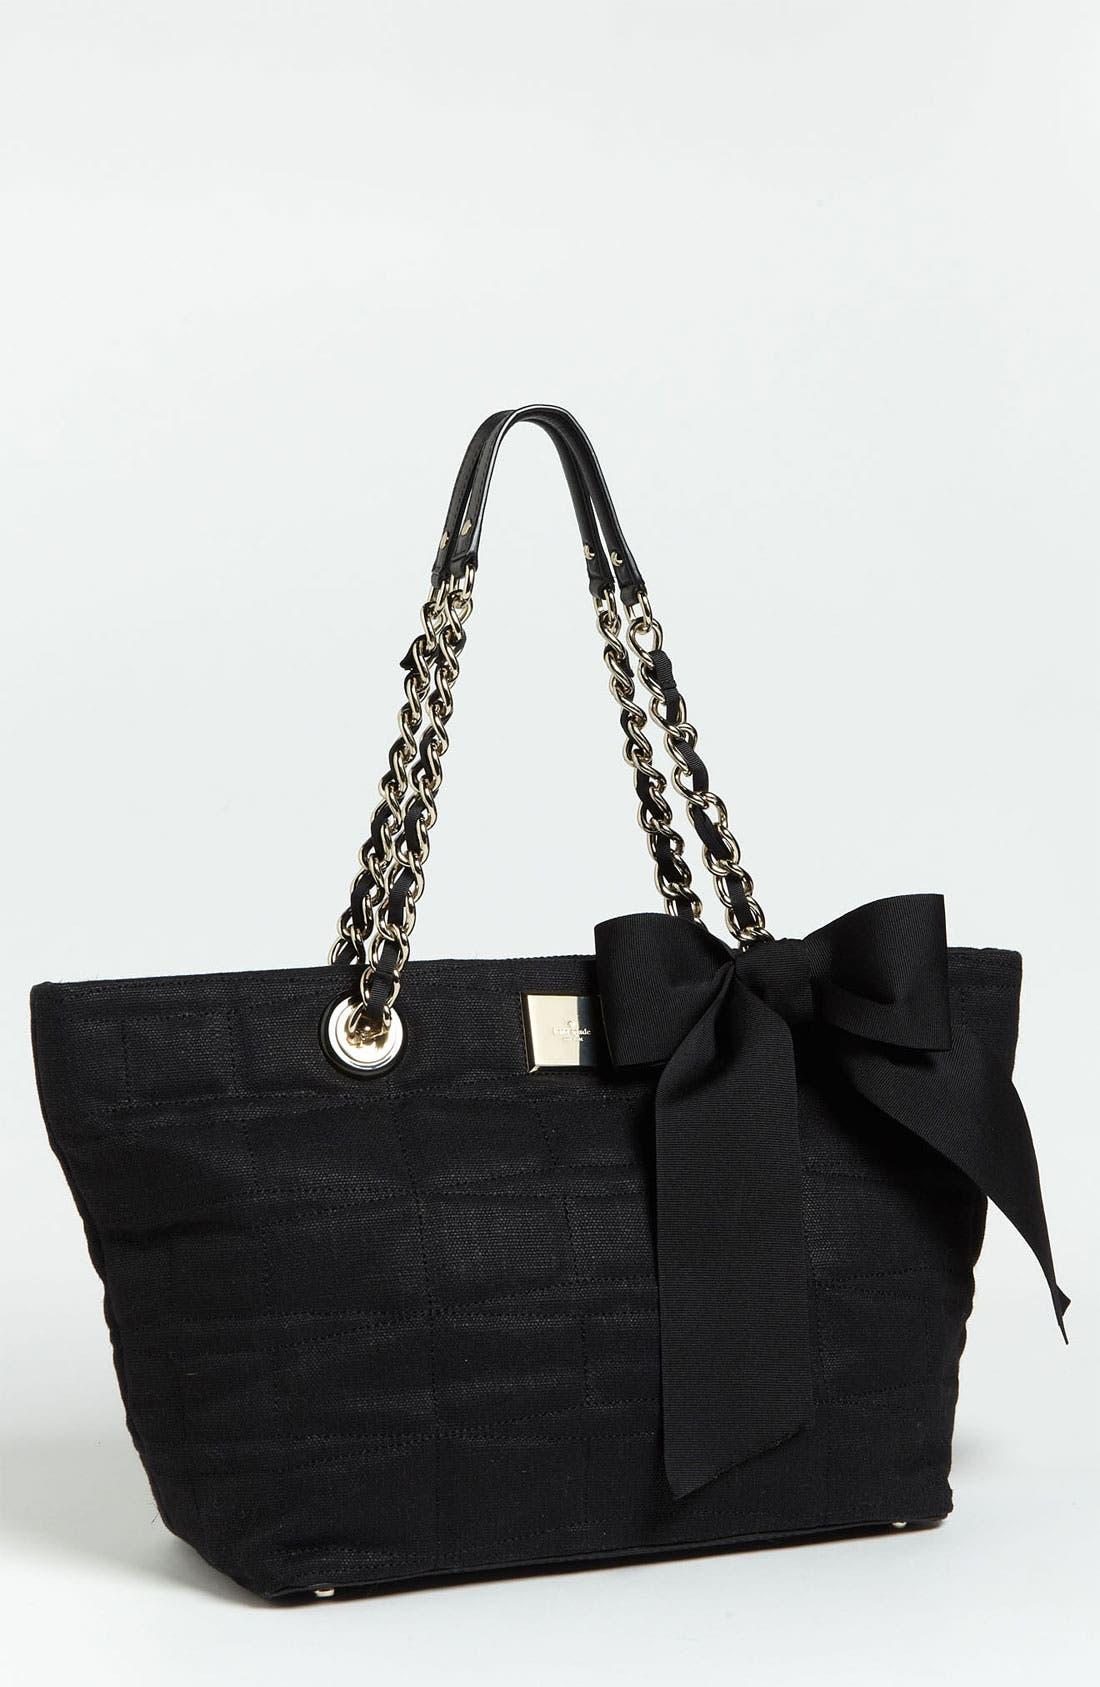 Alternate Image 1 Selected - kate spade new york 'signature spade - small coal' shoulder bag